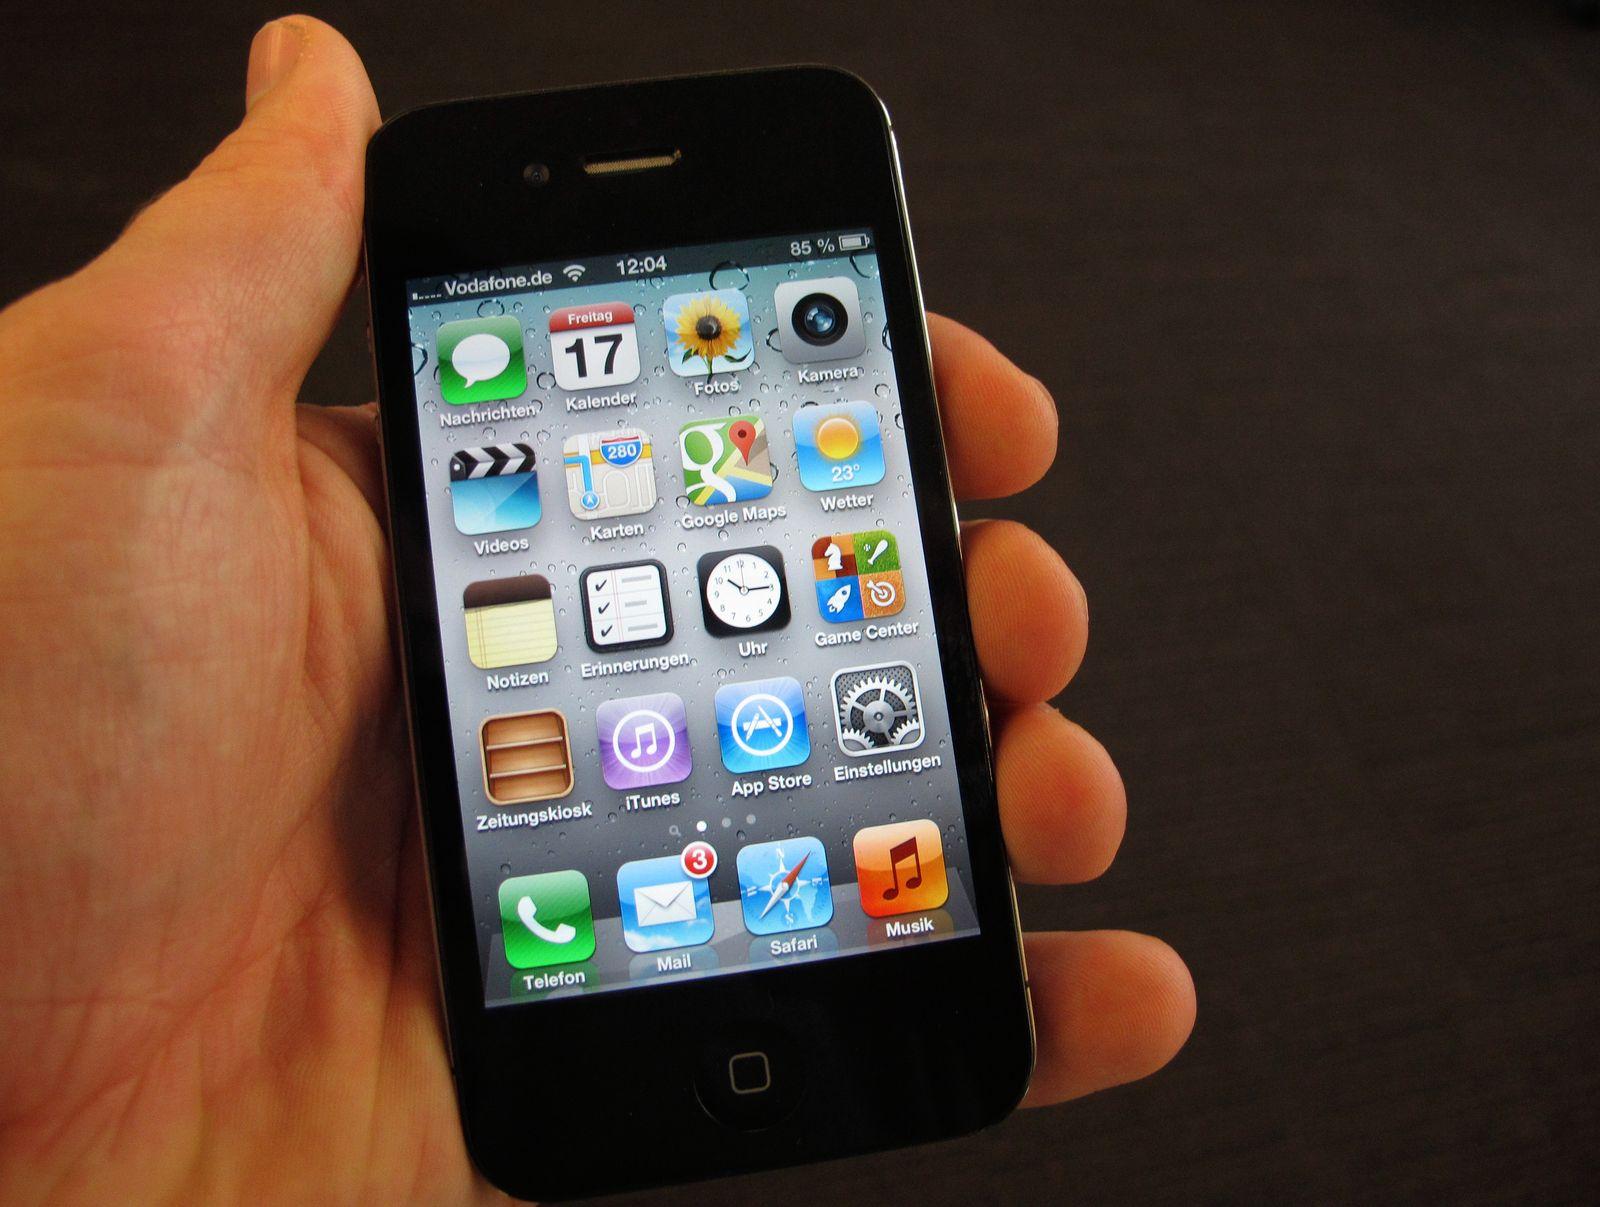 Handy / Nachrichten / Apps auf iPhone